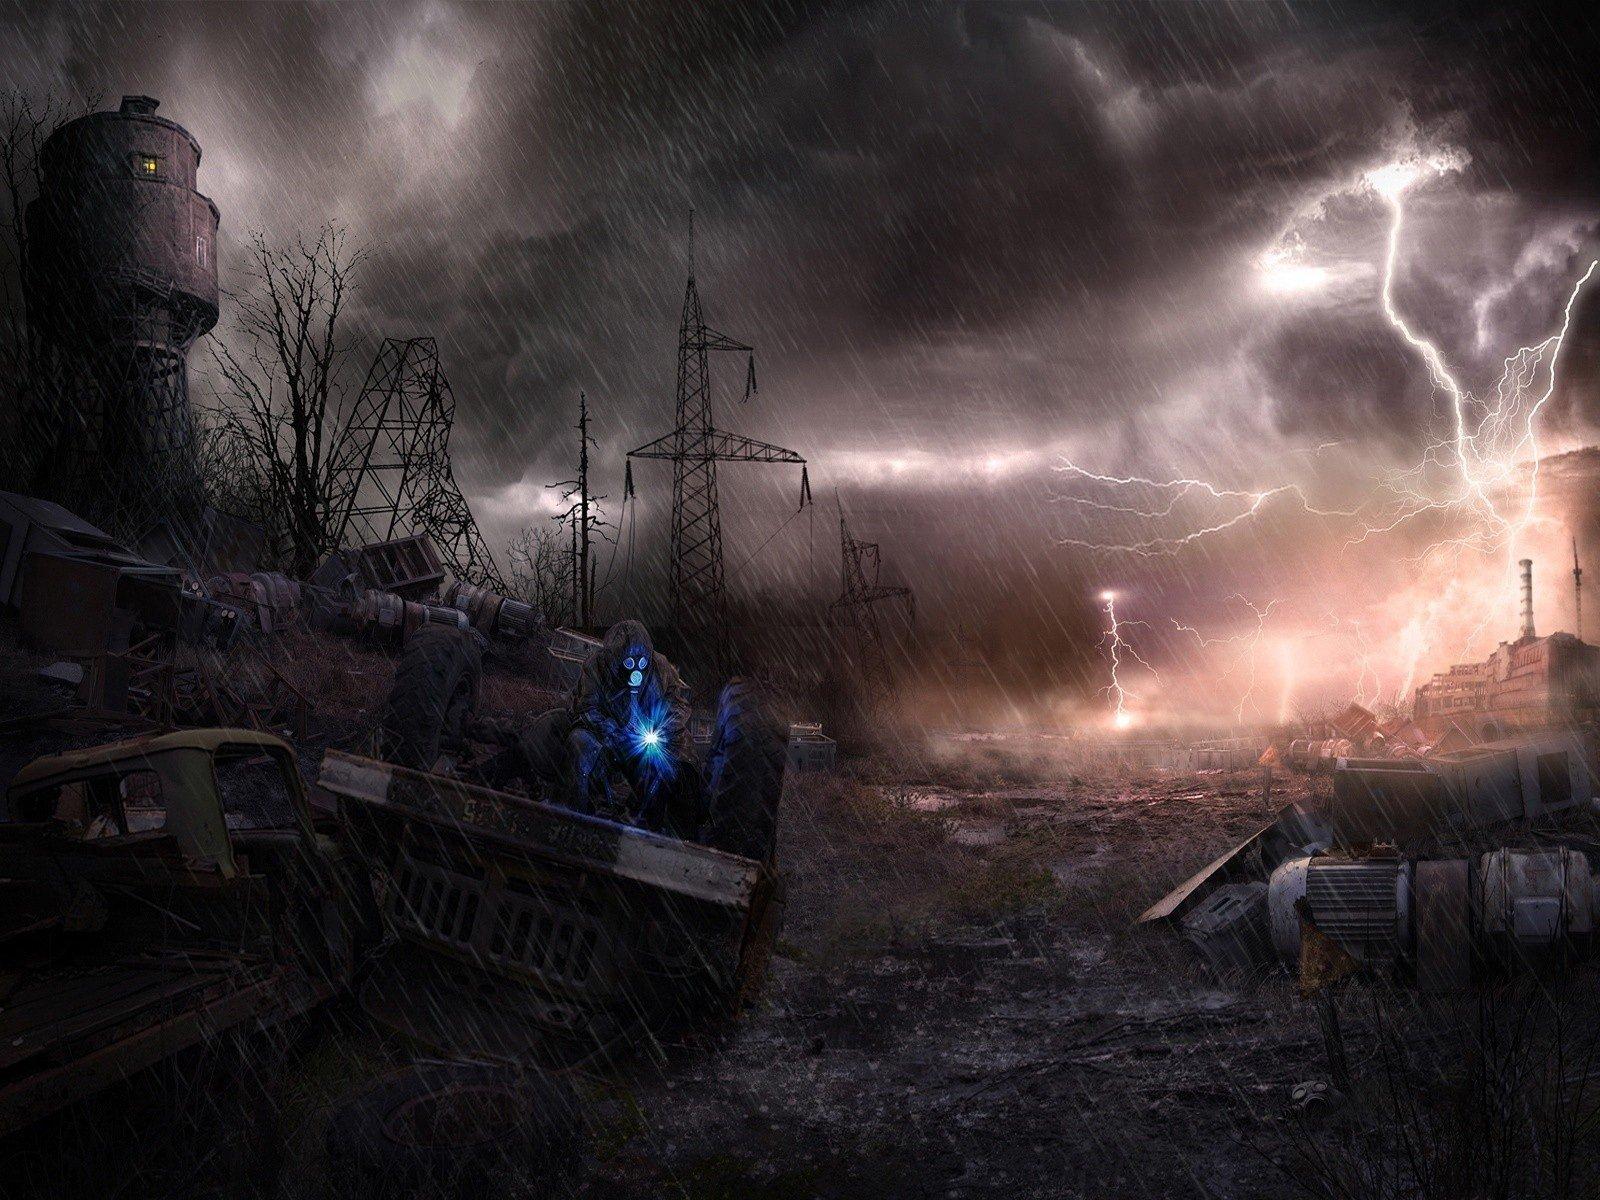 Ядерный апокалипсис в разгар пандемии? (продолжение)